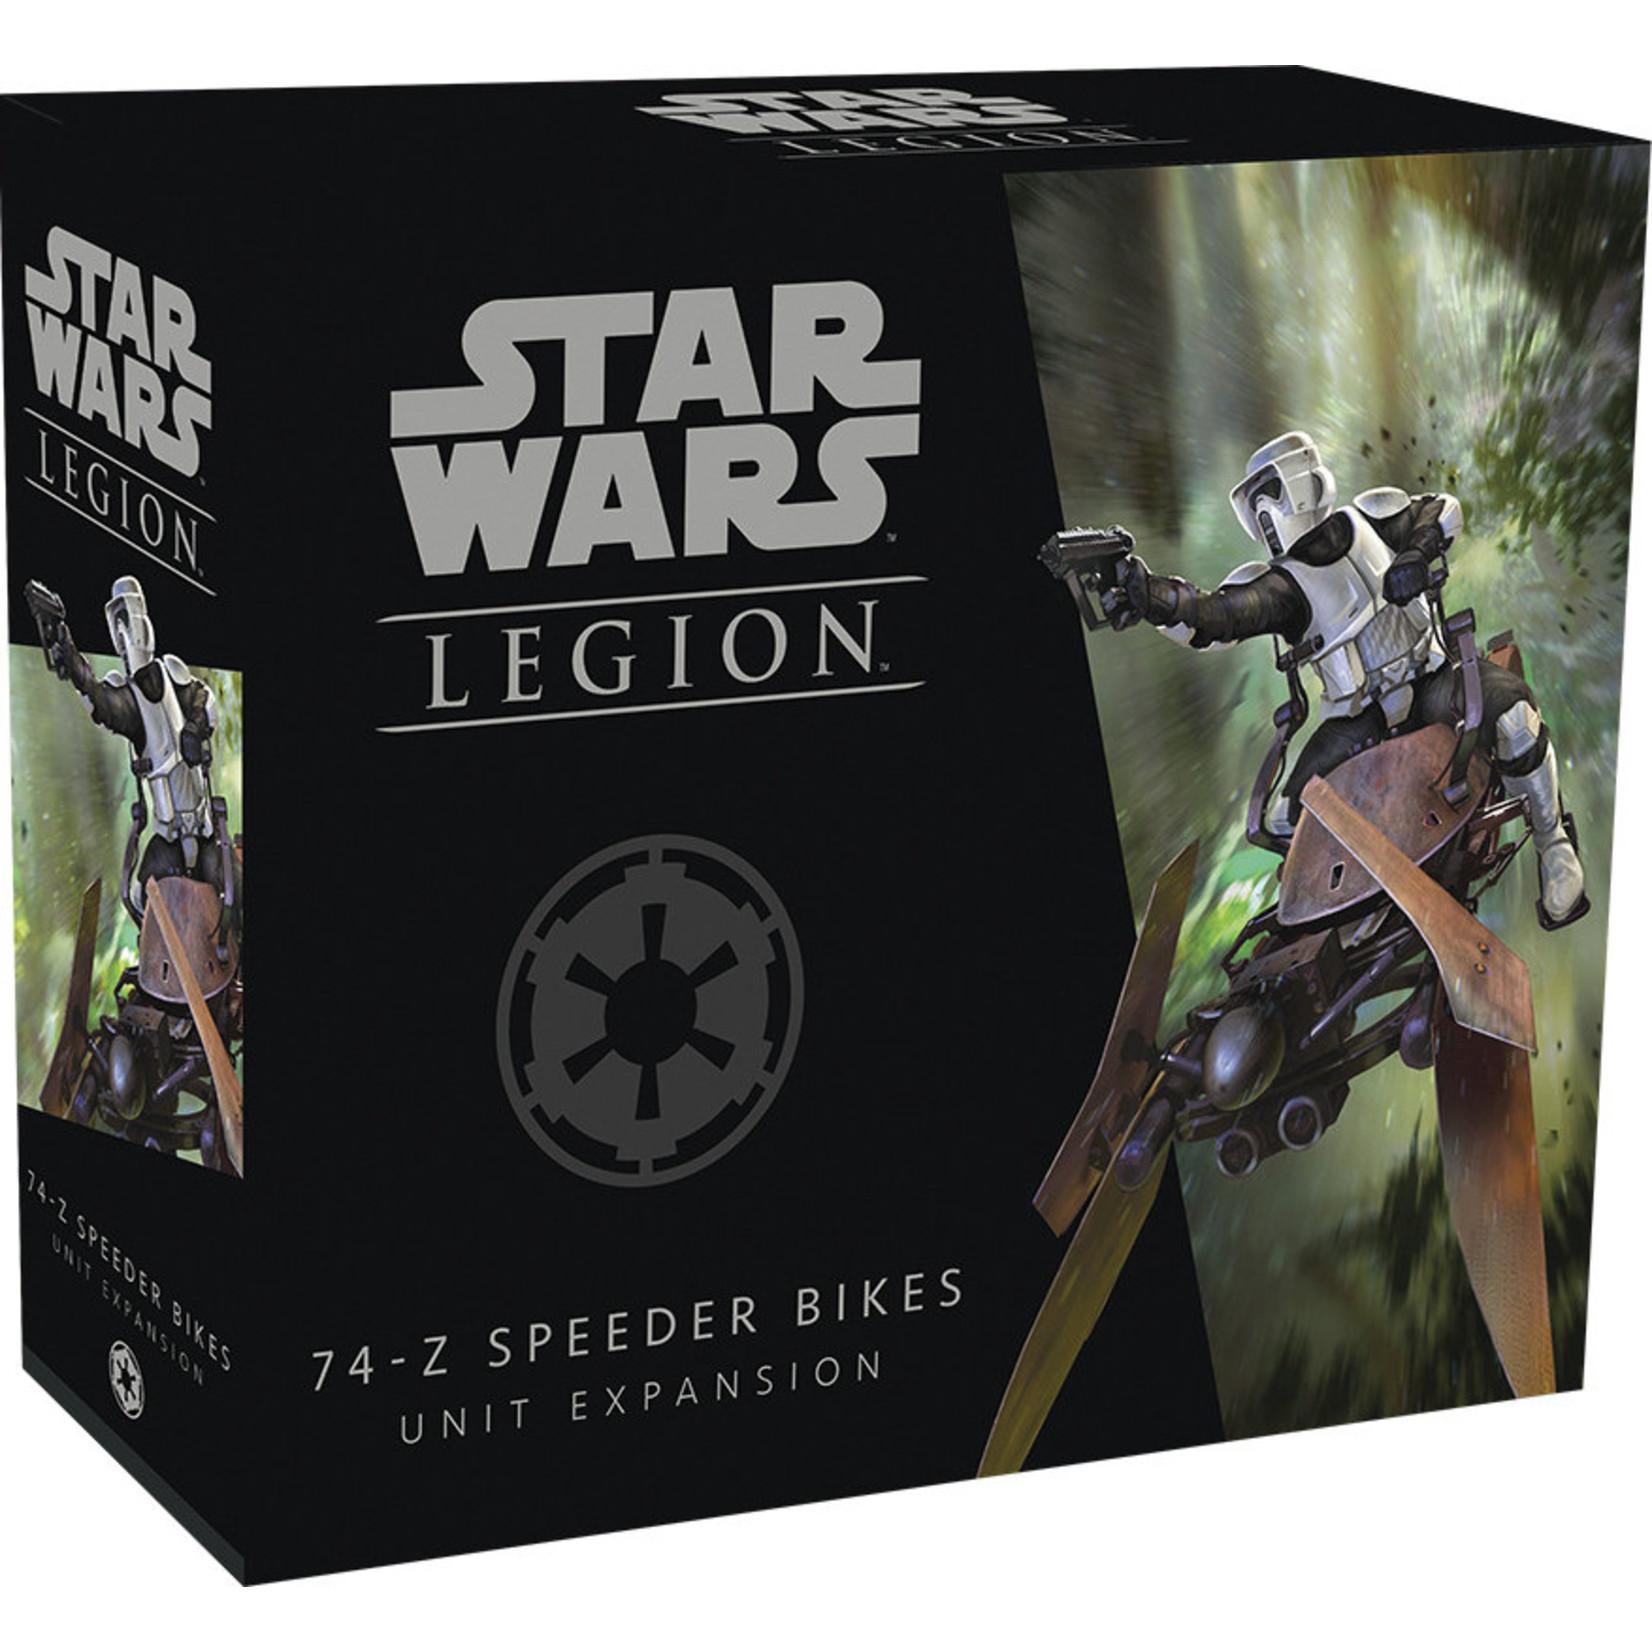 Fantasy Flight Games Star Wars Legion 74-Z Speeder Bikes Unit Expansion